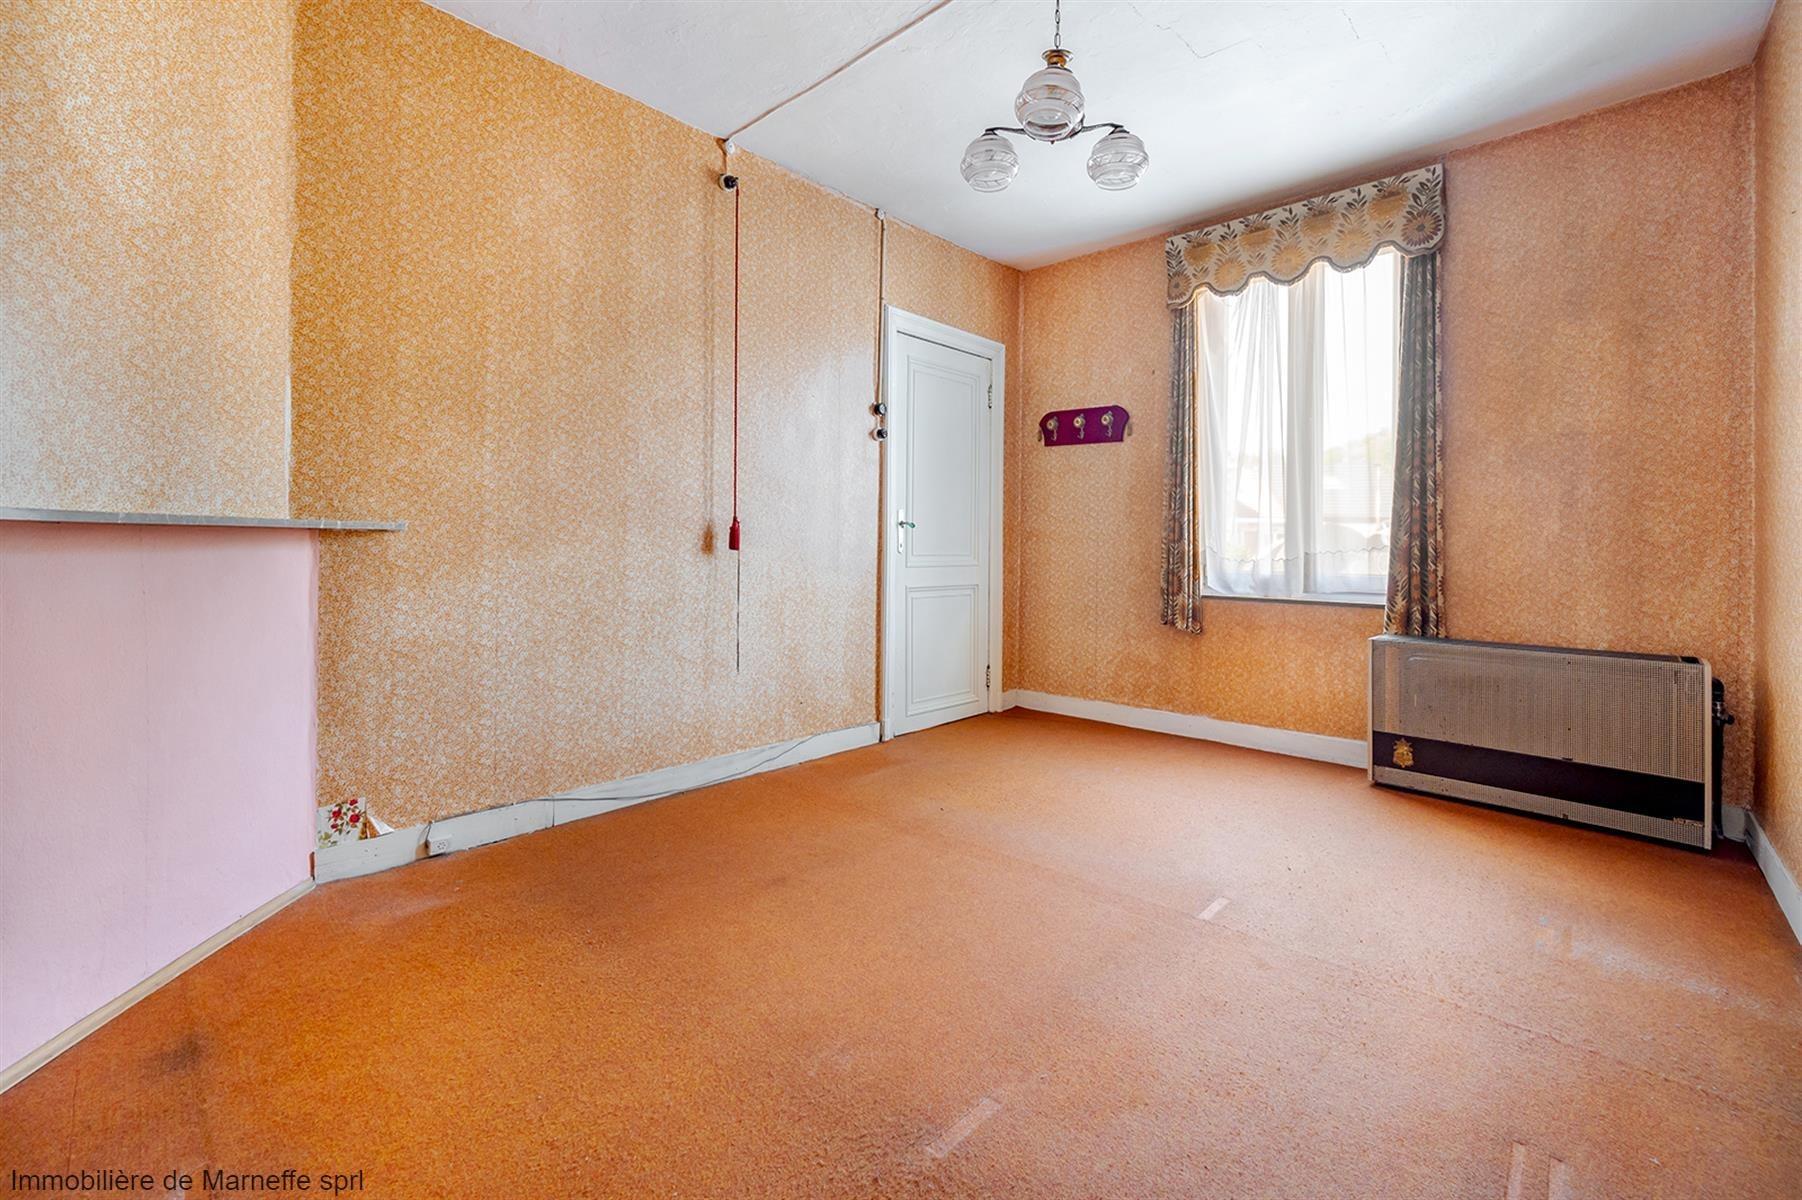 Maison - Liege - #4405271-14